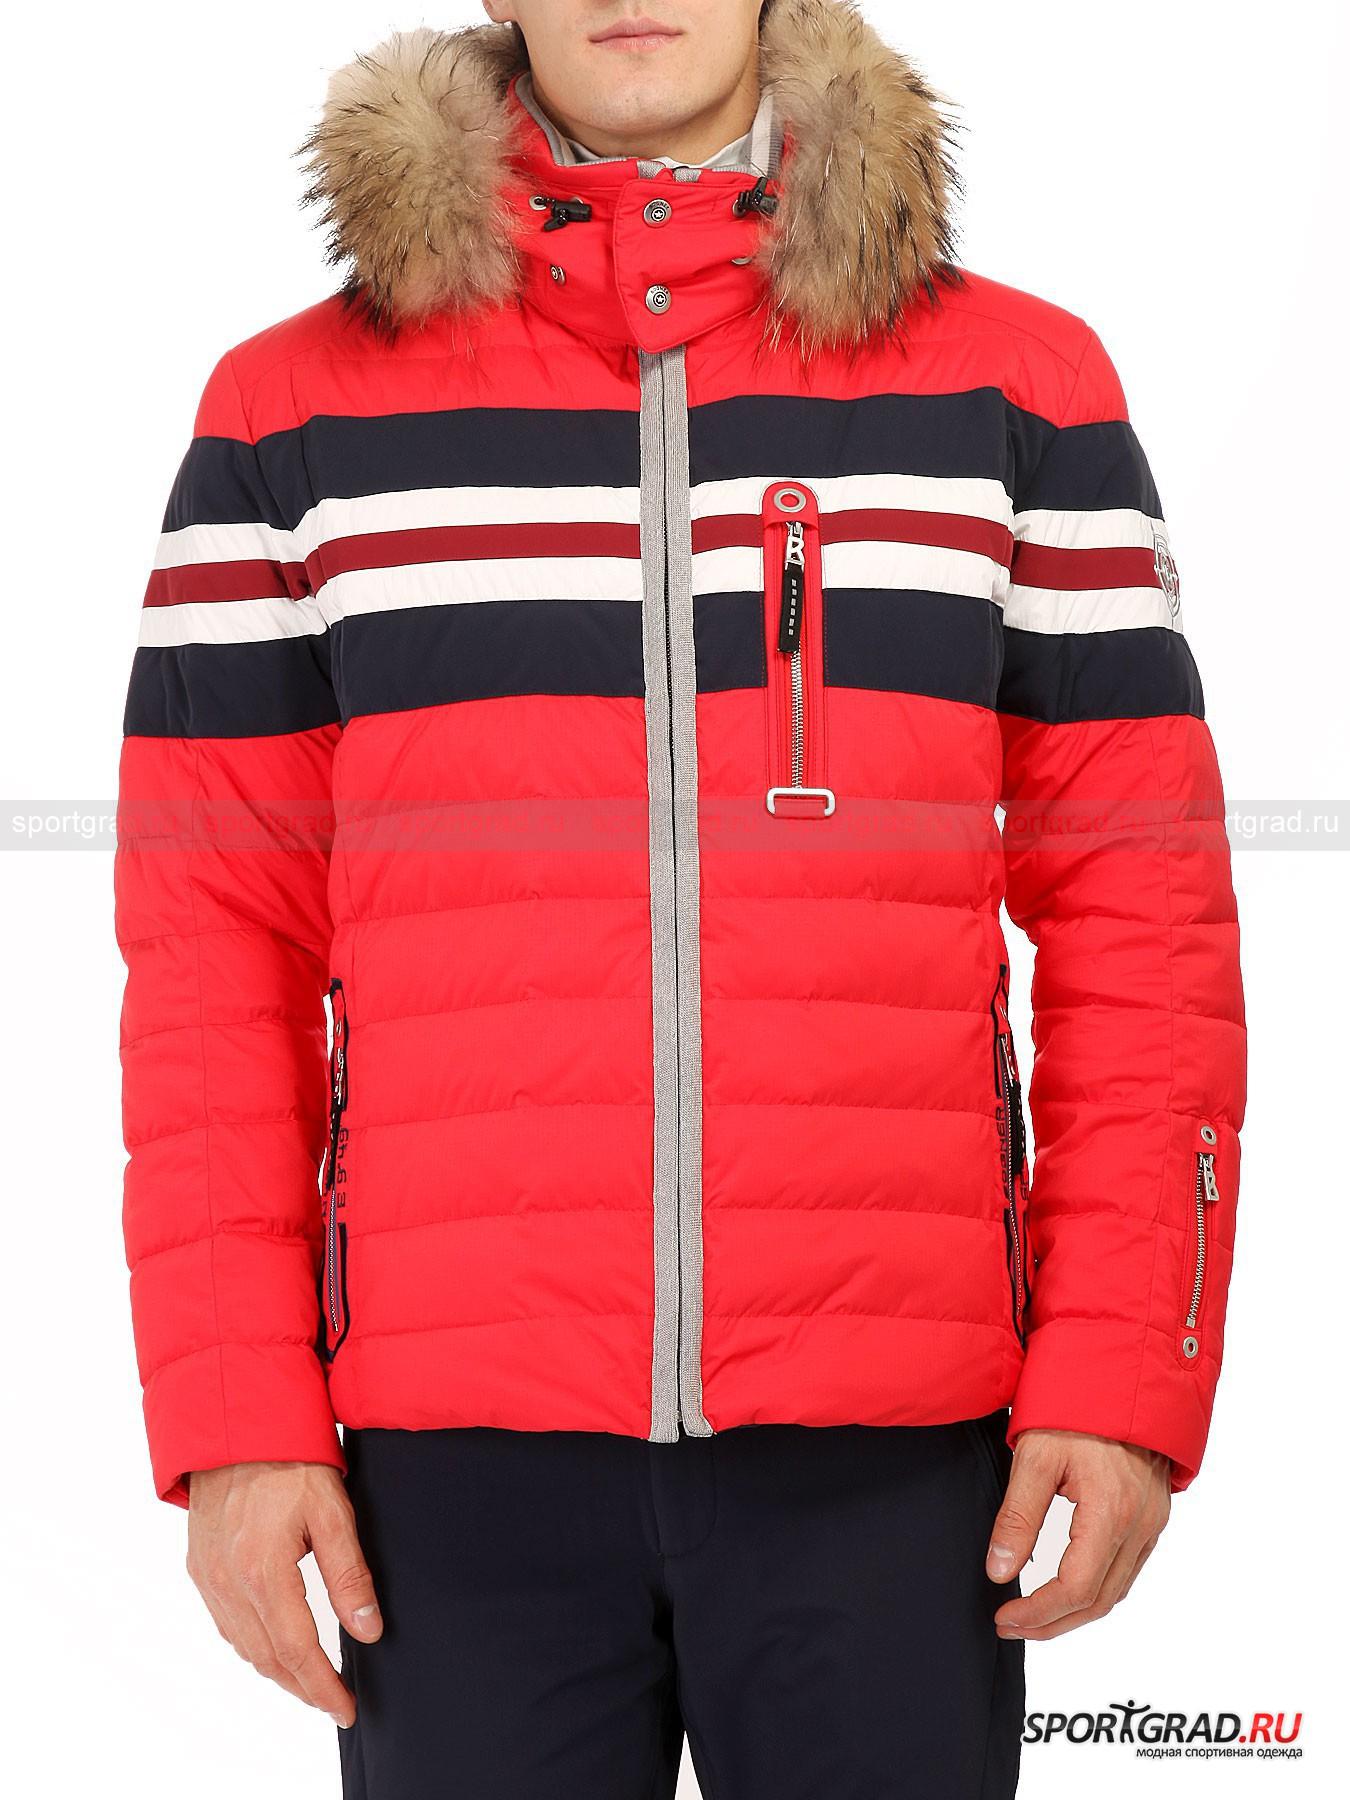 Мужская куртка BOGNER Niilo-DКуртки<br>Теплая и надежная верхняя одежда – визитная карточка немецкой компании Bogner, которая стоит на страже Вашего комфорта в холодное время года.<br><br>Мужская куртка Niilo представляет собой привычный горнолыжный пуховик, в качестве утеплителя для которого были выбраны натуральные материалы. При этом особая защитная мембрана отлично изолирует влагу изнутри куртки, параллельно не допуская попадания ее снаружи. Любой вид осадков теперь останется для Вас незамеченный. Стильный дизайн модели невероятно практично дополняется специальной вставкой внутри куртки, которая фиксируется на талии и не позволяет снегу попадать под куртку. Любители горнолыжного отдыха должны в полной мере оценить многофункциональность данной модели.<br><br>•Удобный отстегивающийся капюшон с утяжками и особым слоем теплосбережения<br>•Фронтальная металлическая молния<br>•Два поясных кармана и один нагрудный на молнии<br>•Дополнительный карман на левом рукаве <br>•Дублирующийся рукав на широкой резинке<br><br>Пол: Мужской<br>Возраст: Взрослый<br>Тип: Куртки<br>Рекомендации по уходу: Деликатная стирка при 30С, не отбеливать, сушить в барабане стиральной машины разрешено, гладить при температуре не выше 110С, химчистка запрещена.<br>Состав: 100% полиамид, утеплитель – 80% пух/20% перо.